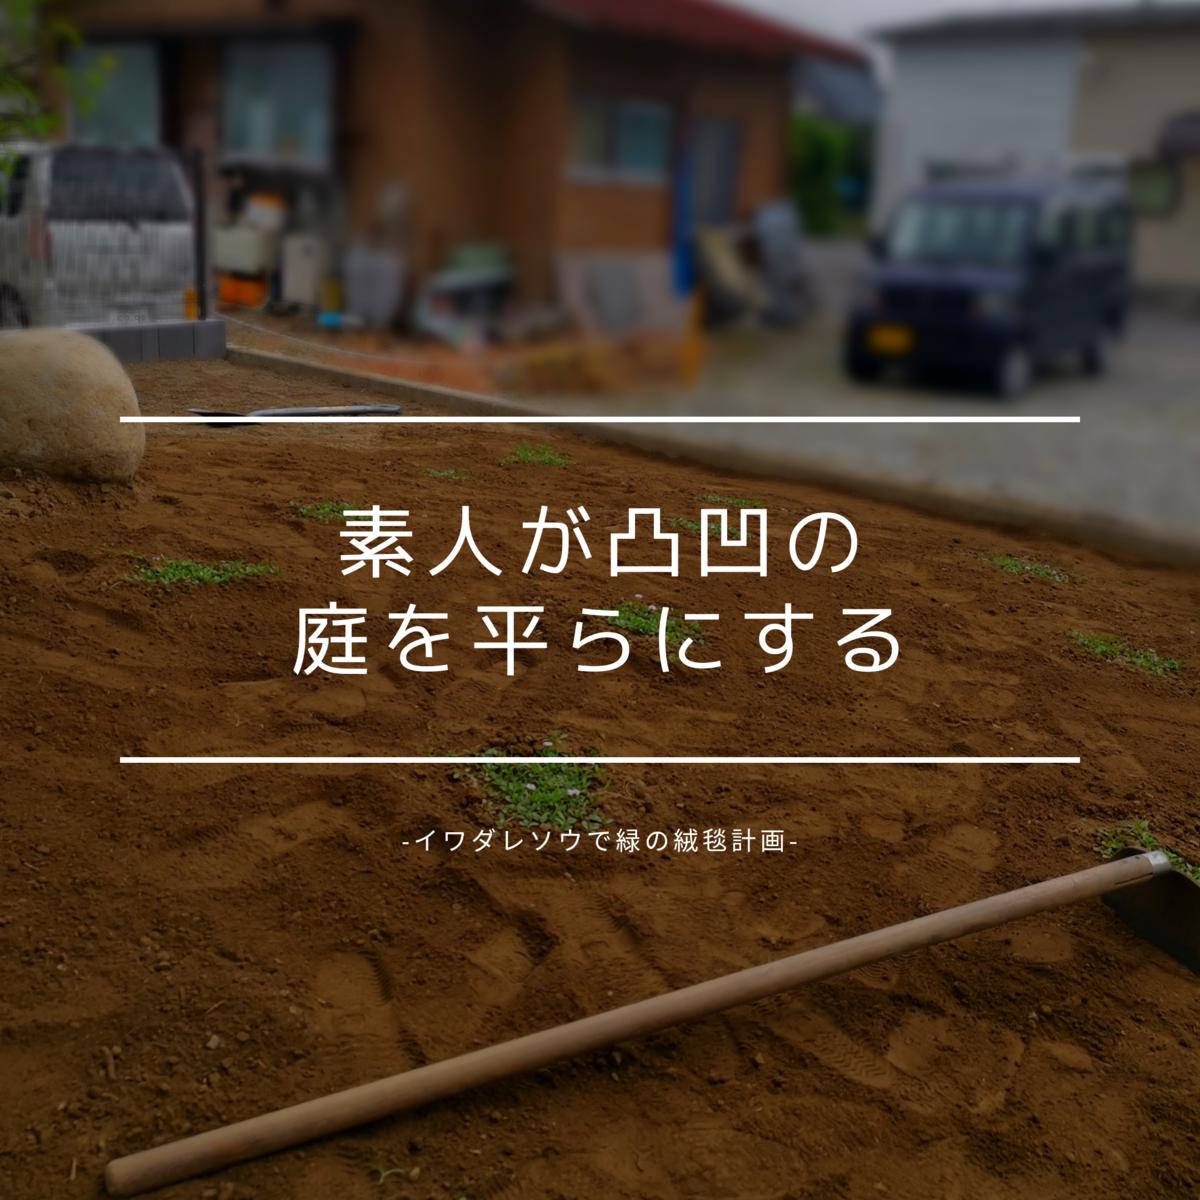 素人が凸凹の庭を平らにする-イワダレソウで緑の絨毯計画-